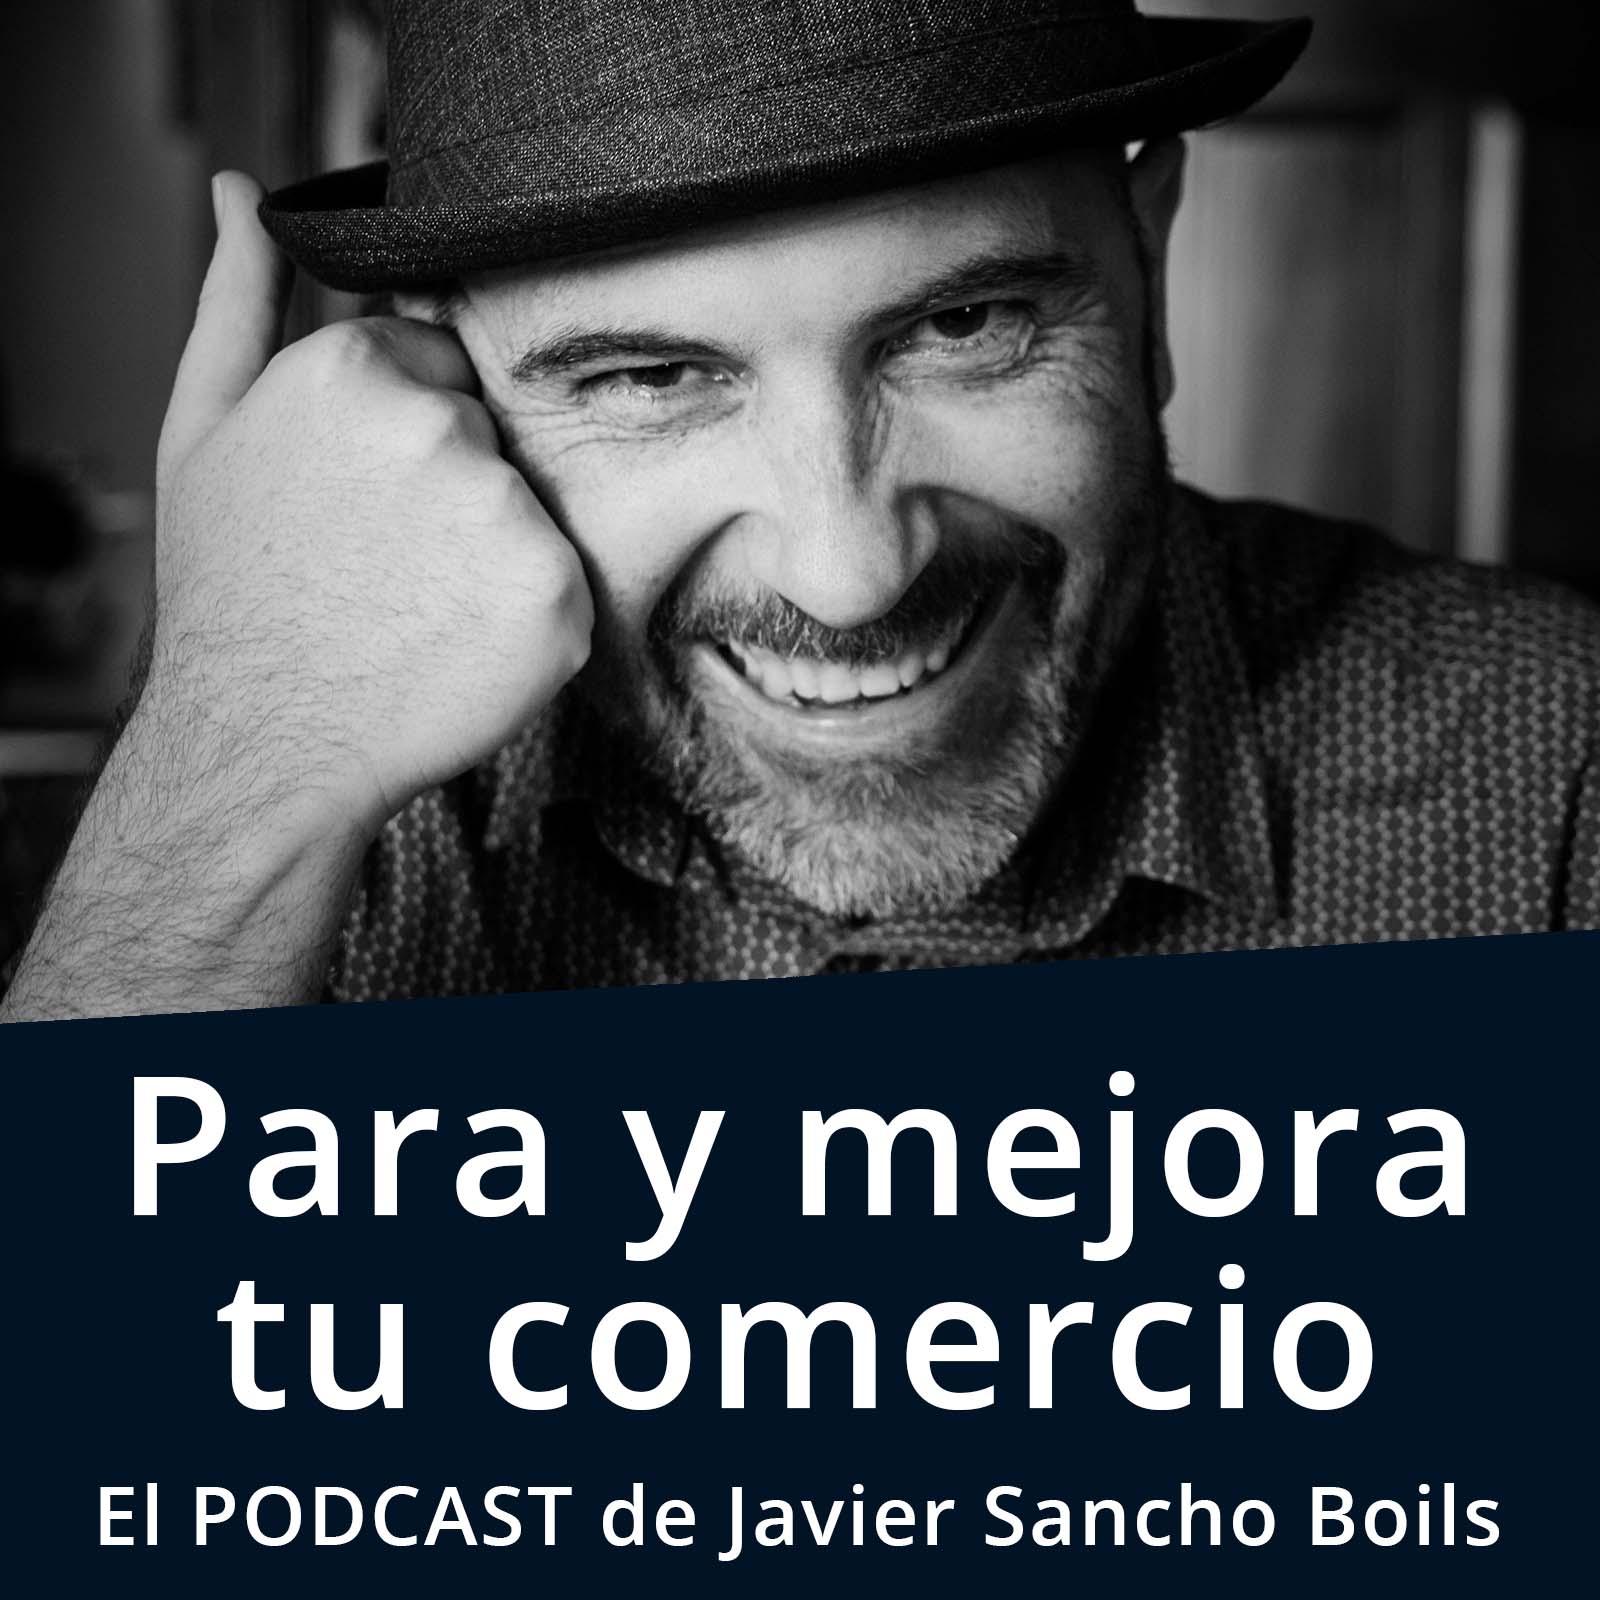 Javier Sancho Boils